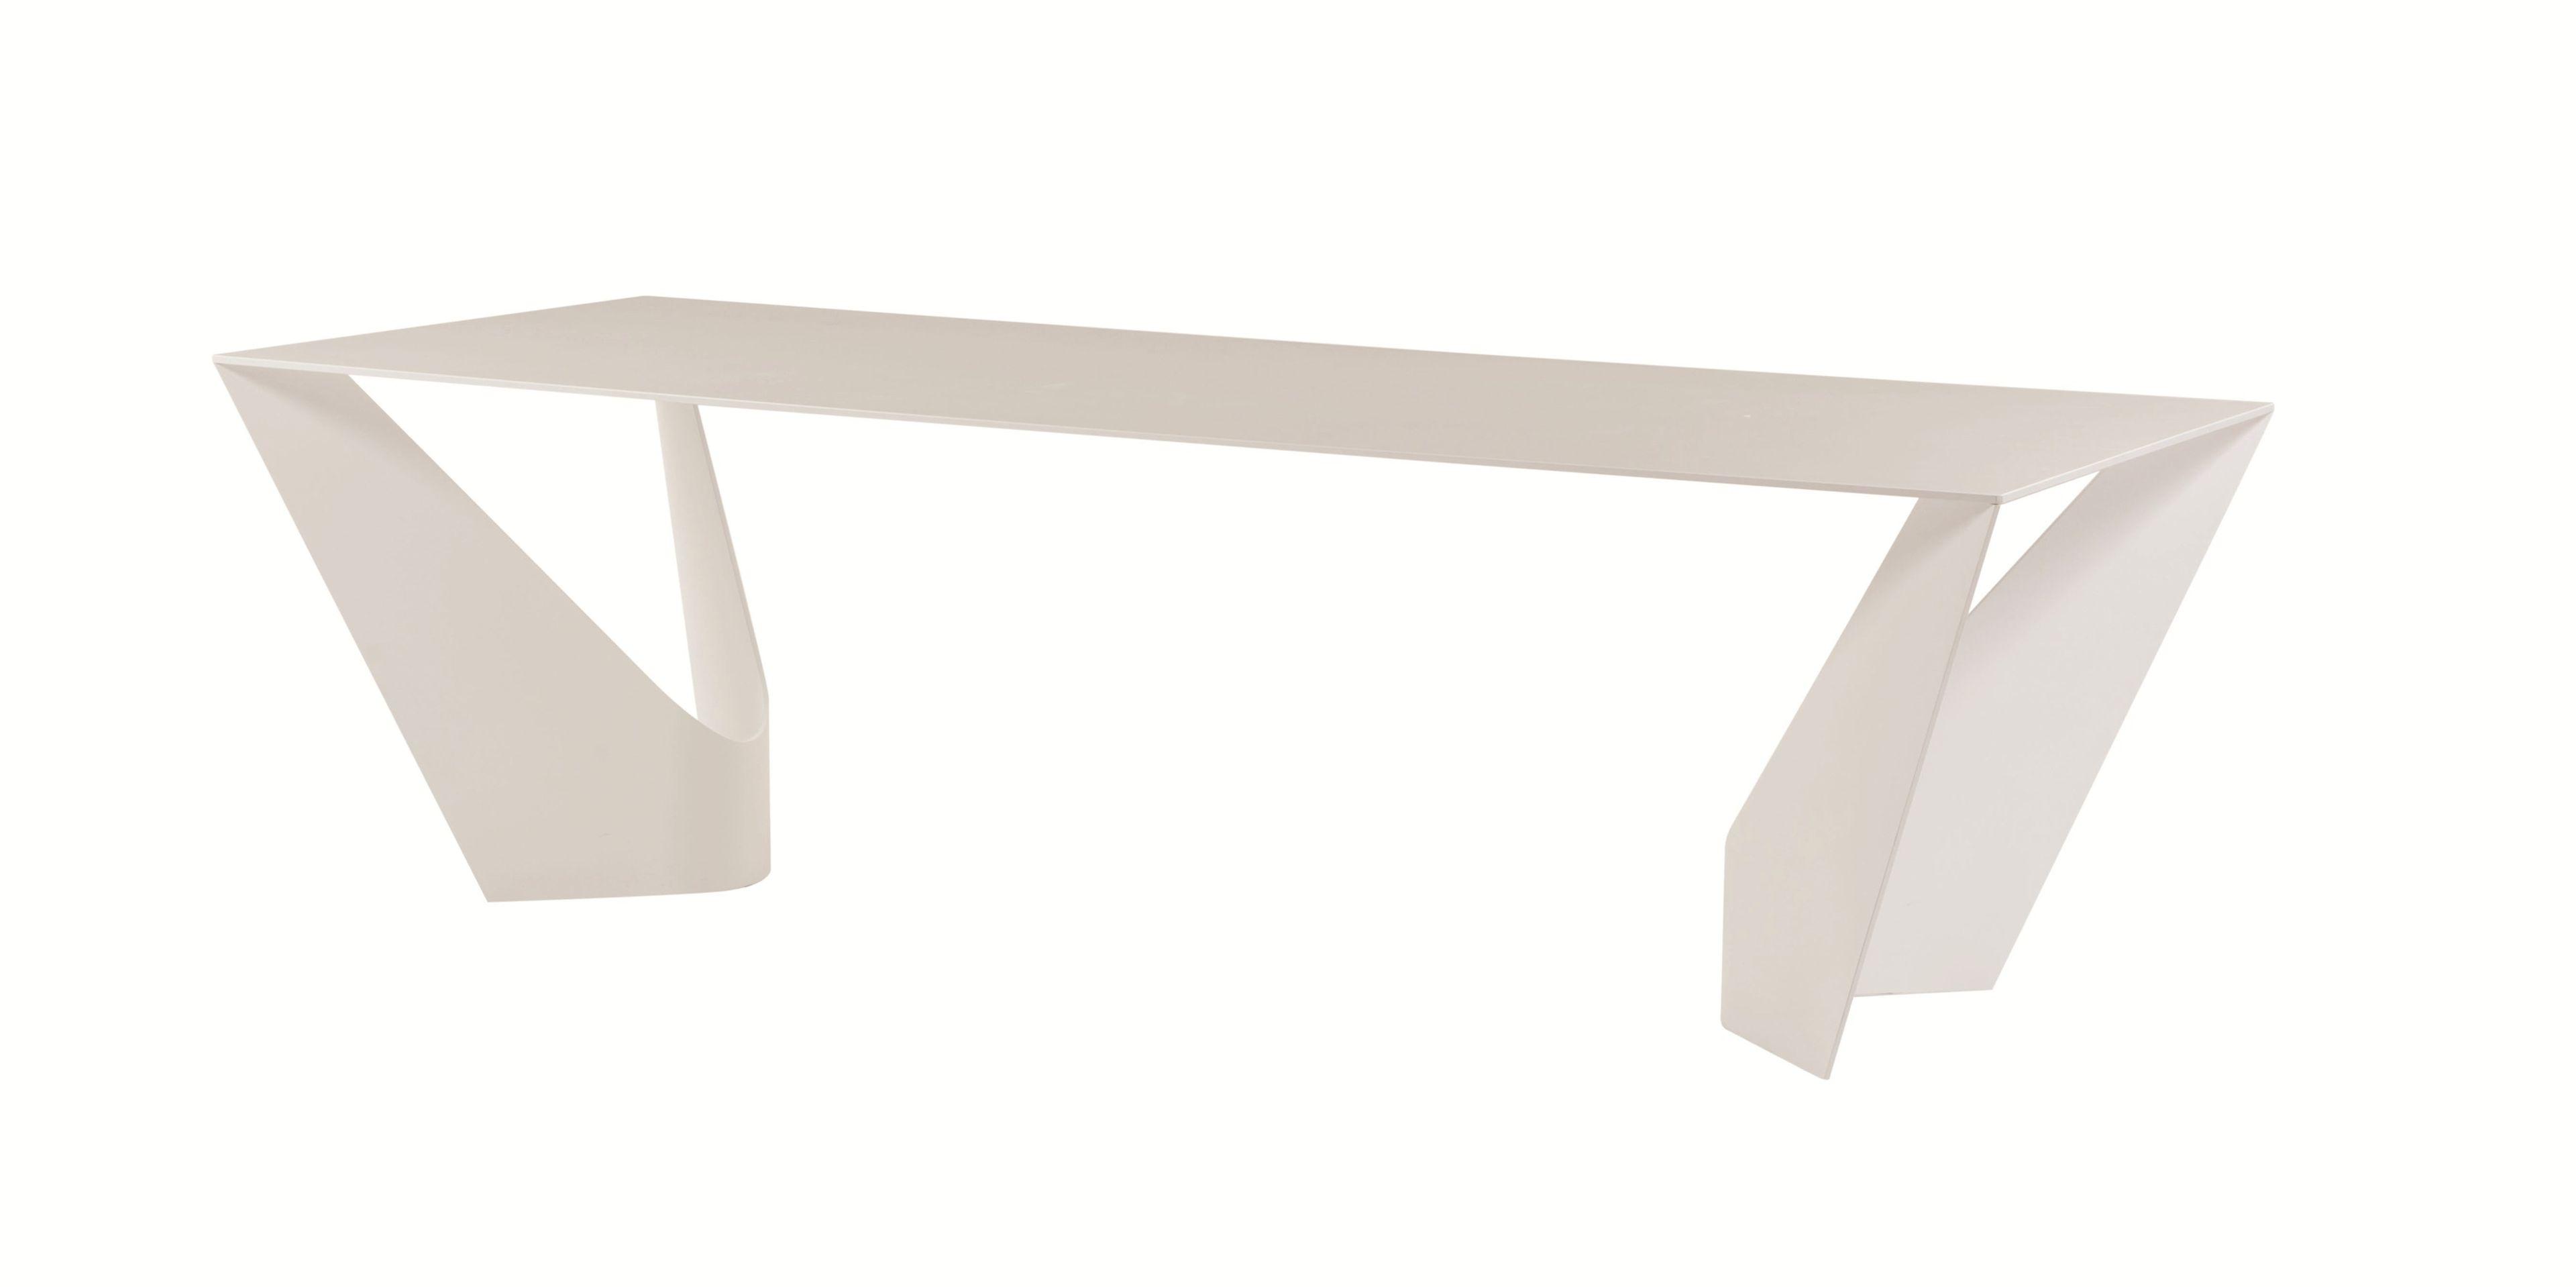 Table manger laqu e suspens by roche bobois design - Roche bobois table a manger ...